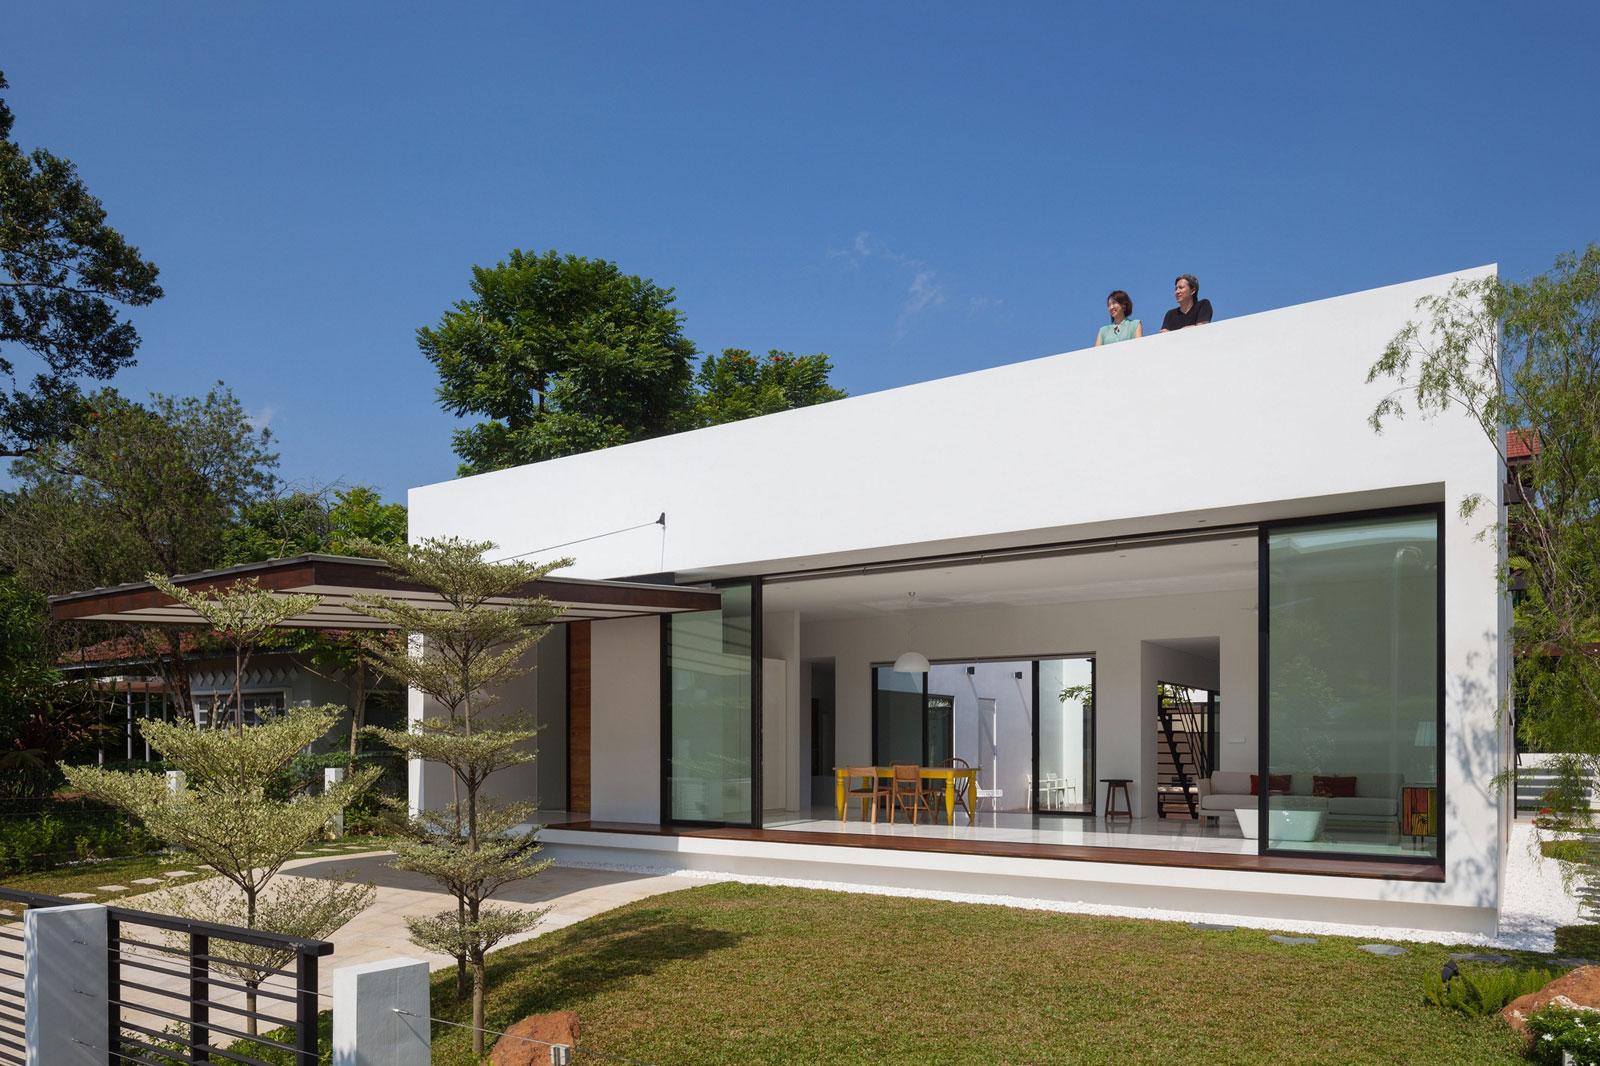 35 modelos de casas para construir for Construir casas modernas